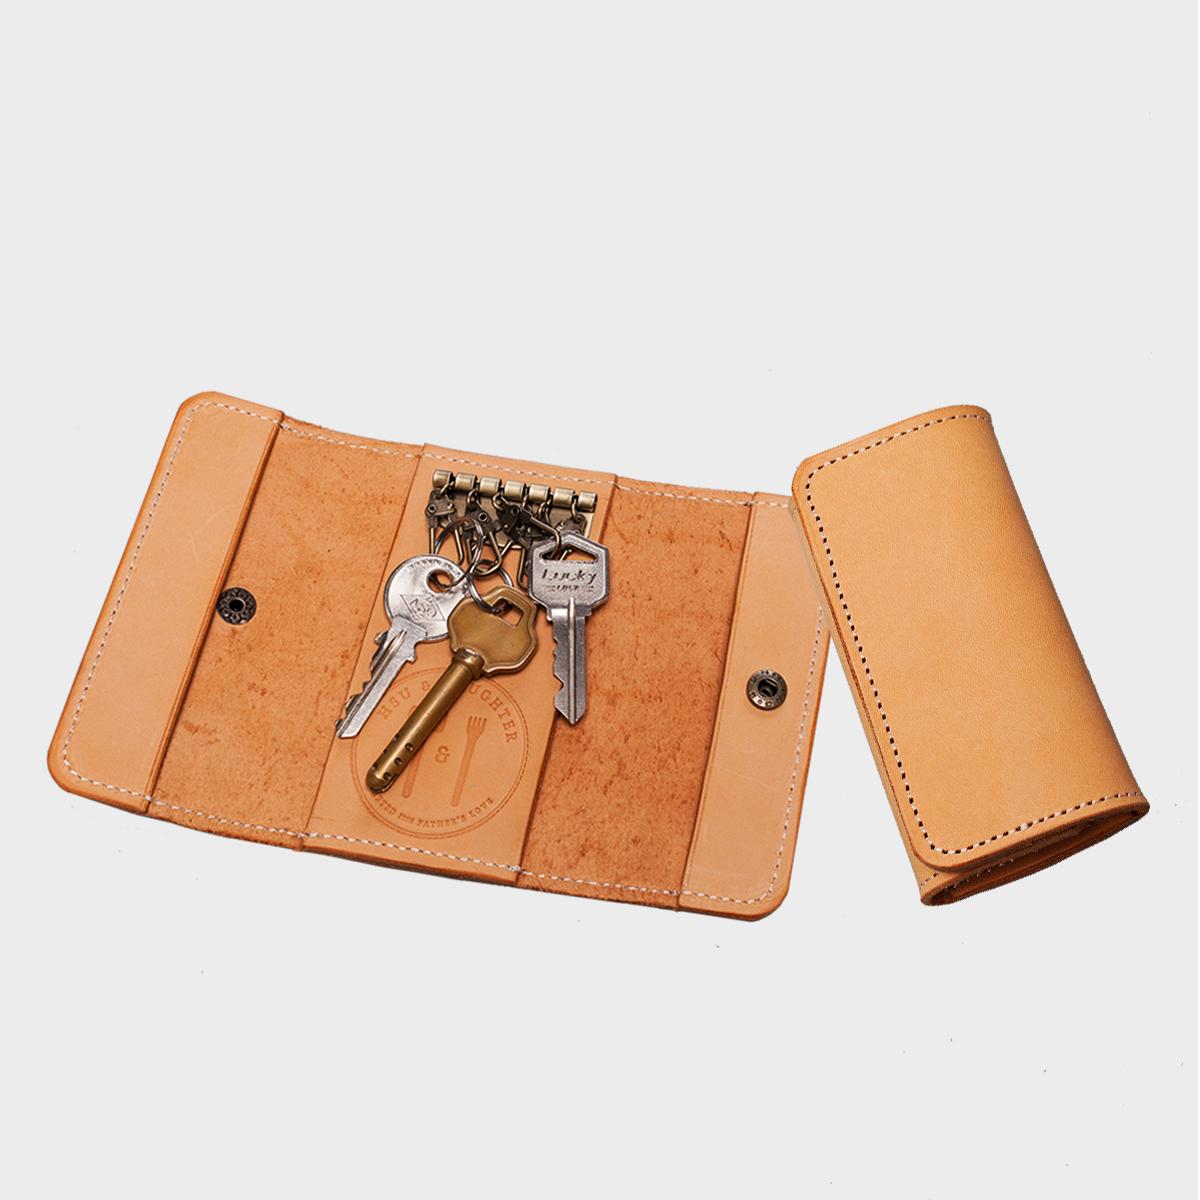 鑰匙包 Key Case  NT$ 1,380  HDB1008